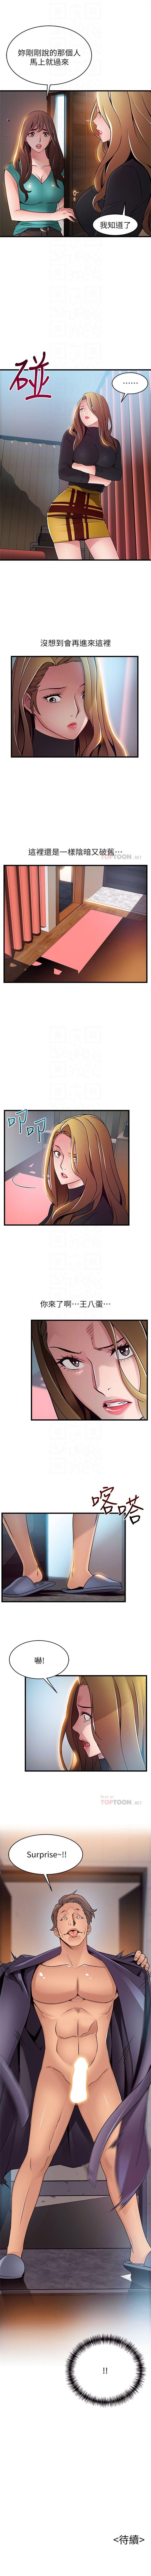 (周7)弱点 1-66 中文翻译(更新中) 346